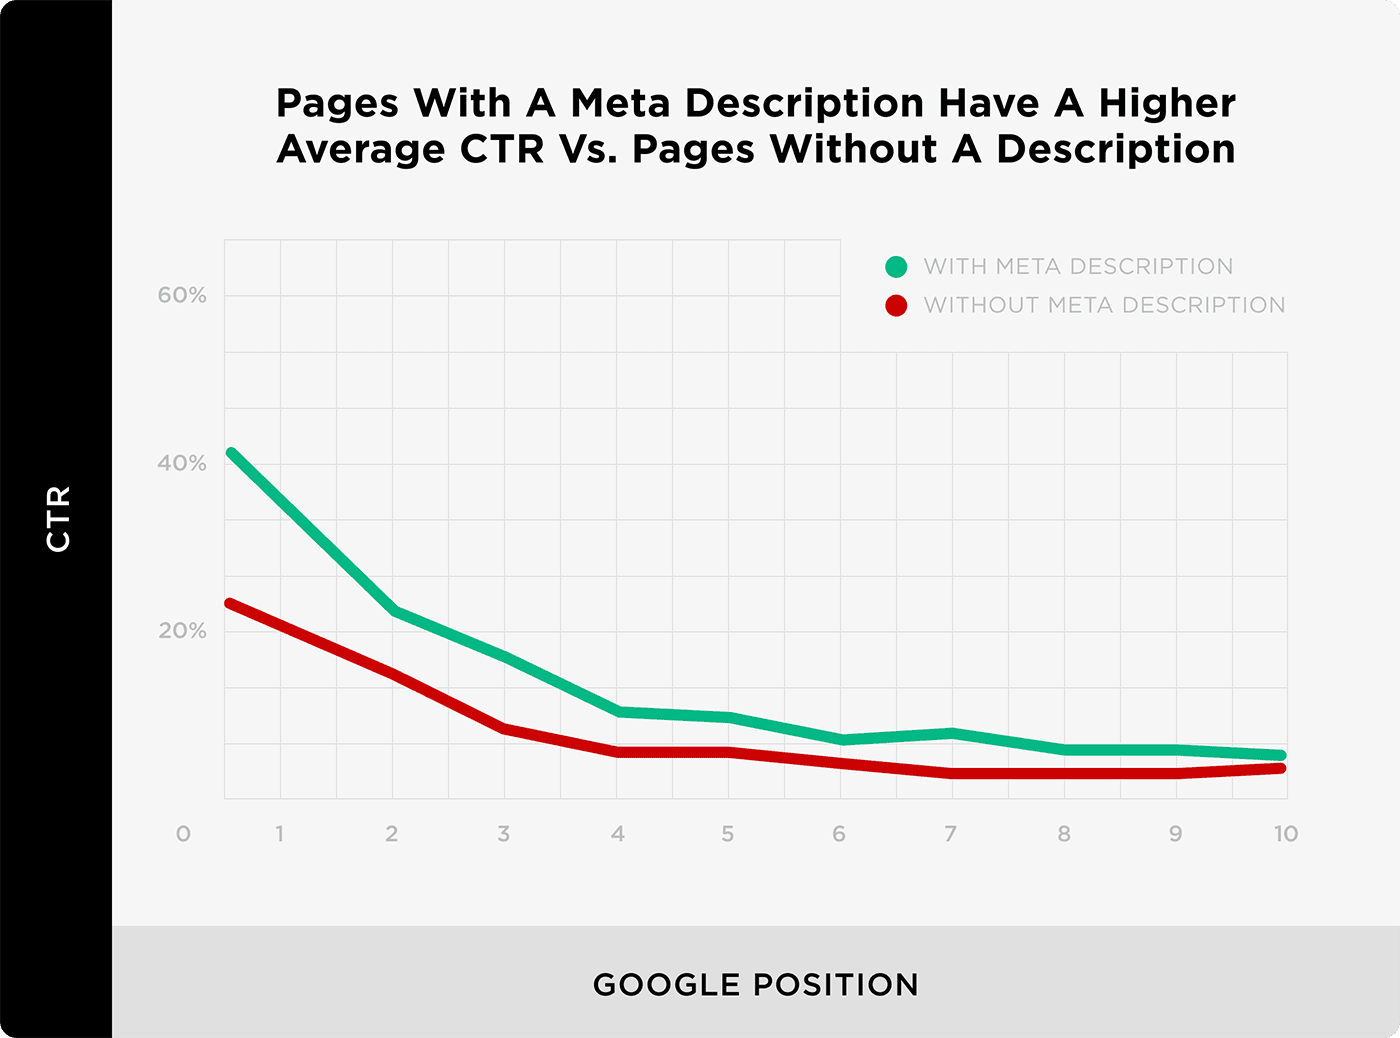 Các trang có Mô tả Meta có TLB trung bình cao hơn so với các trang không có Mô tả